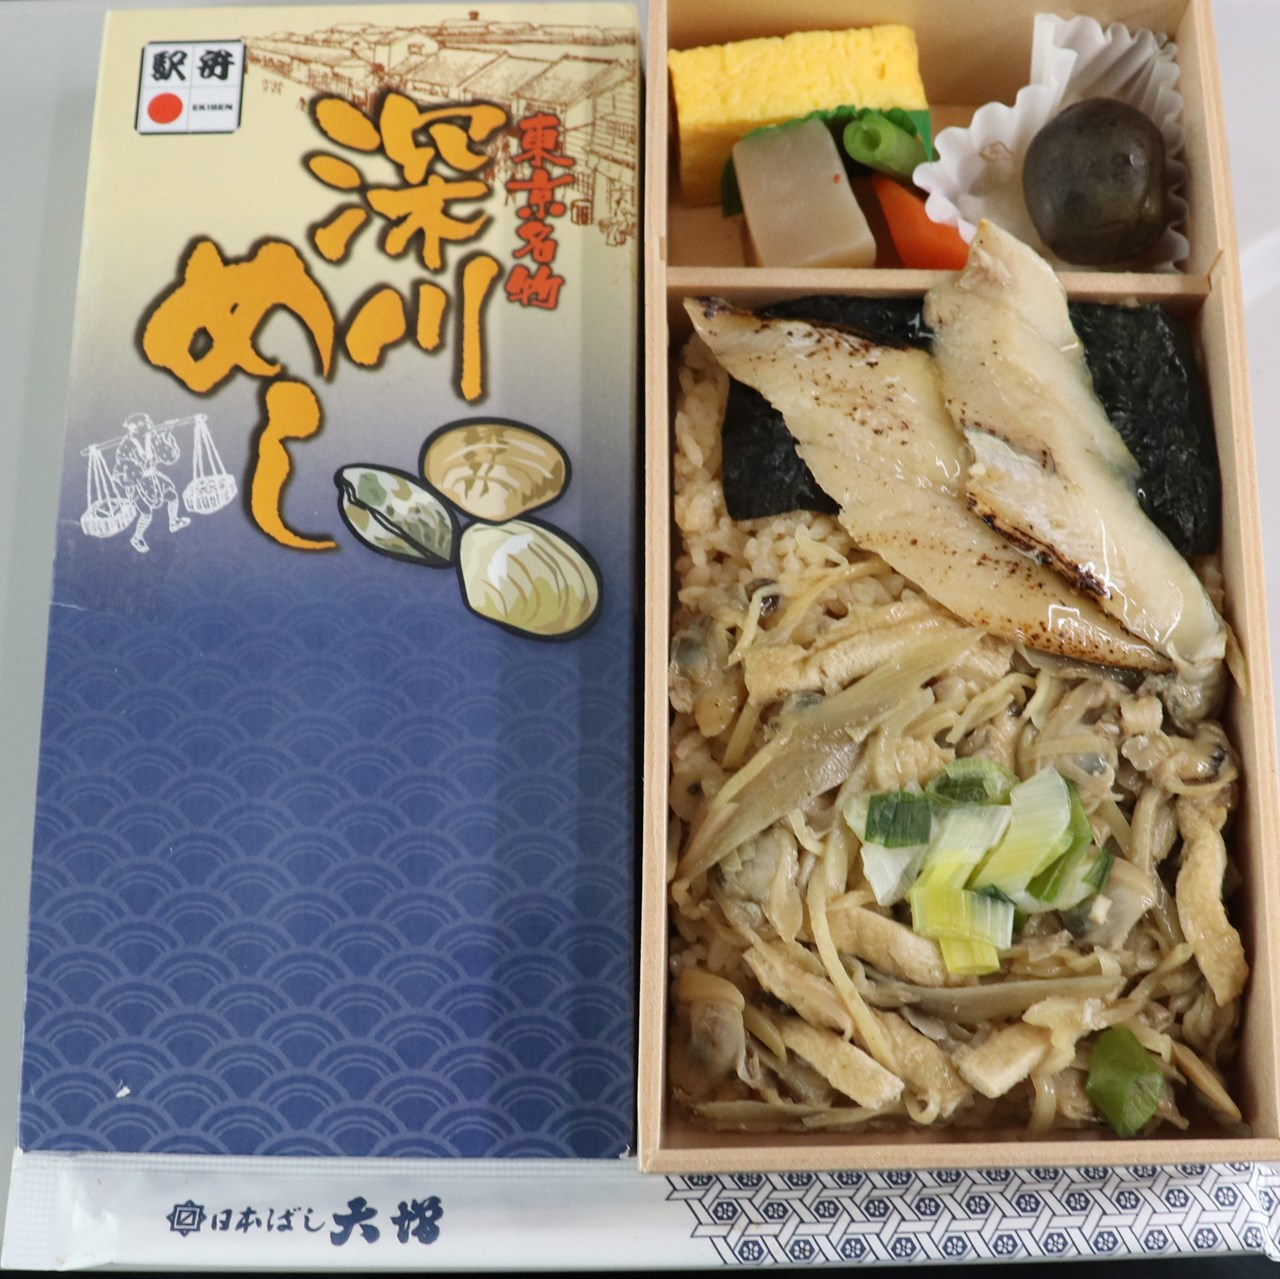 日本ばし大増の「深川めし」。なんだか懐かしいような、素朴な味わいの駅弁だ。